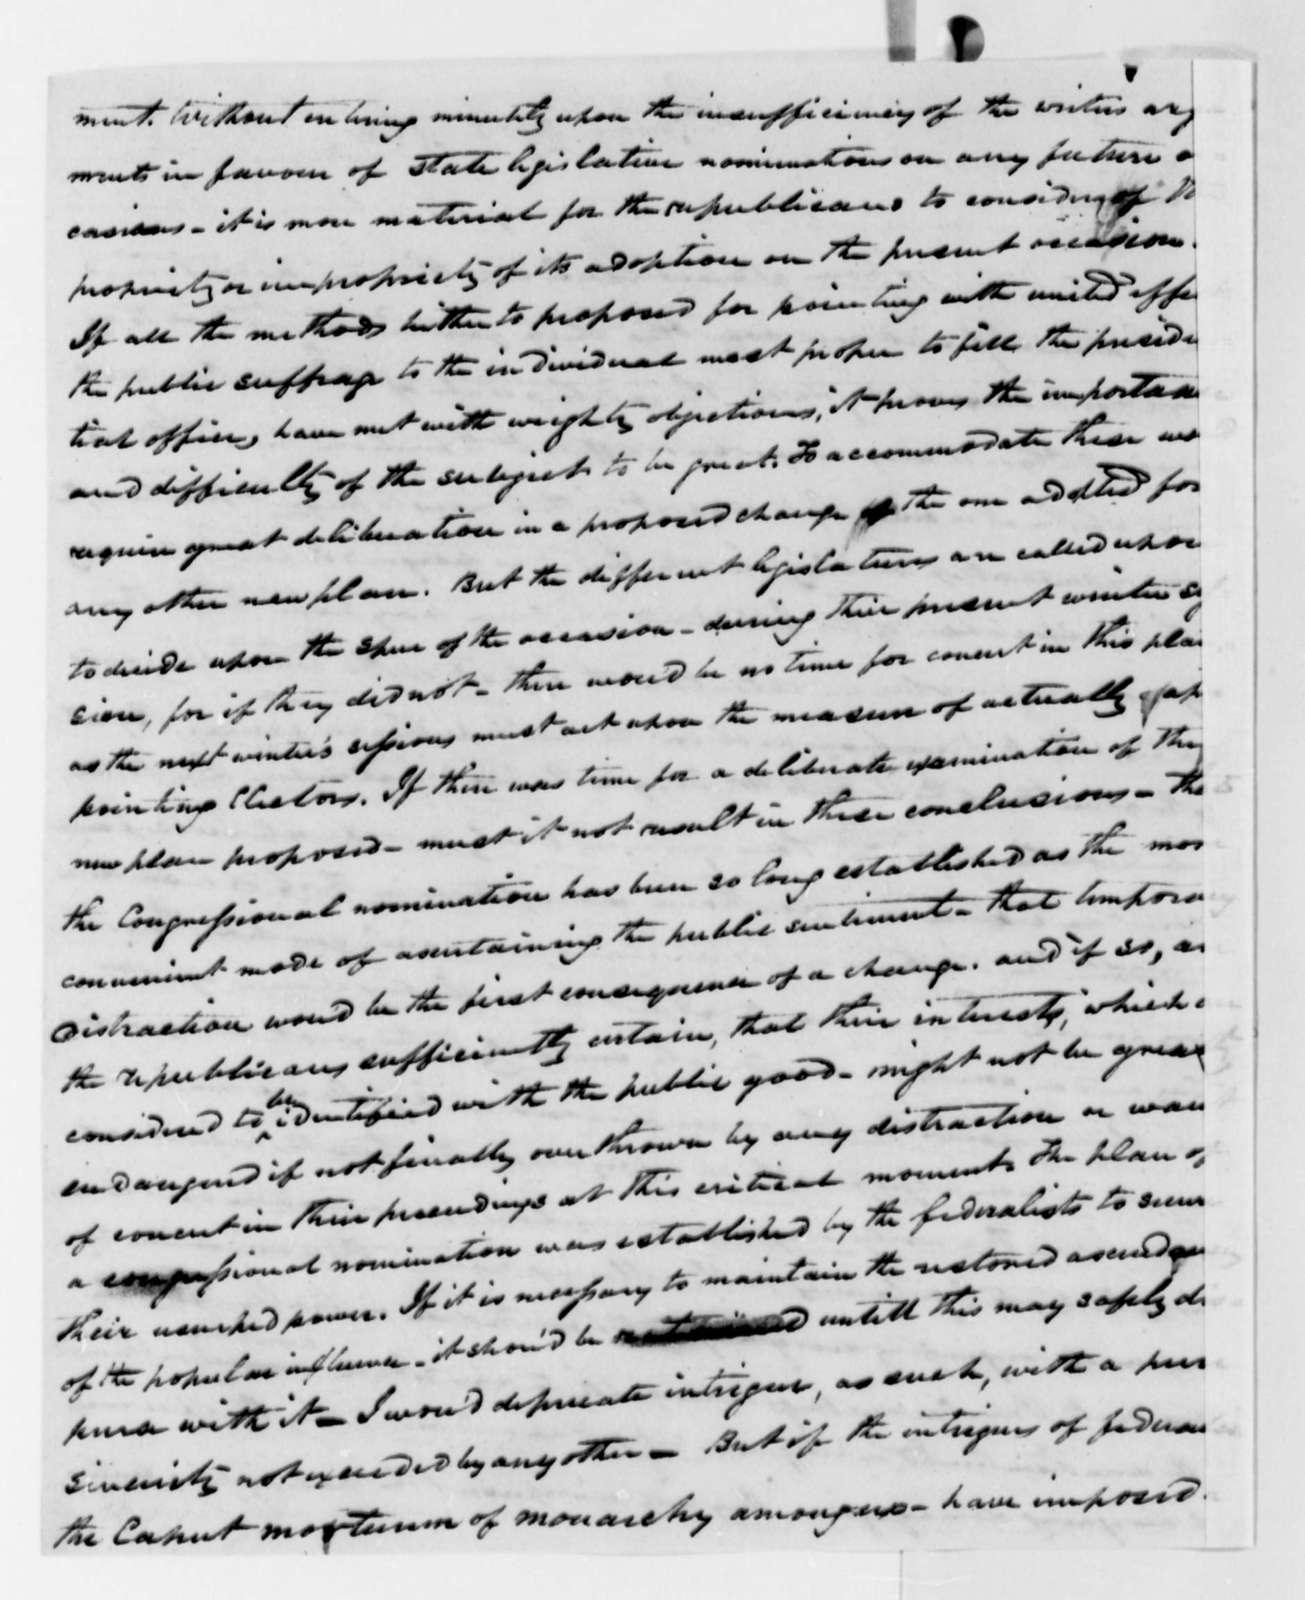 Thomas G. Watkins to Thomas Jefferson, December 2, 1822